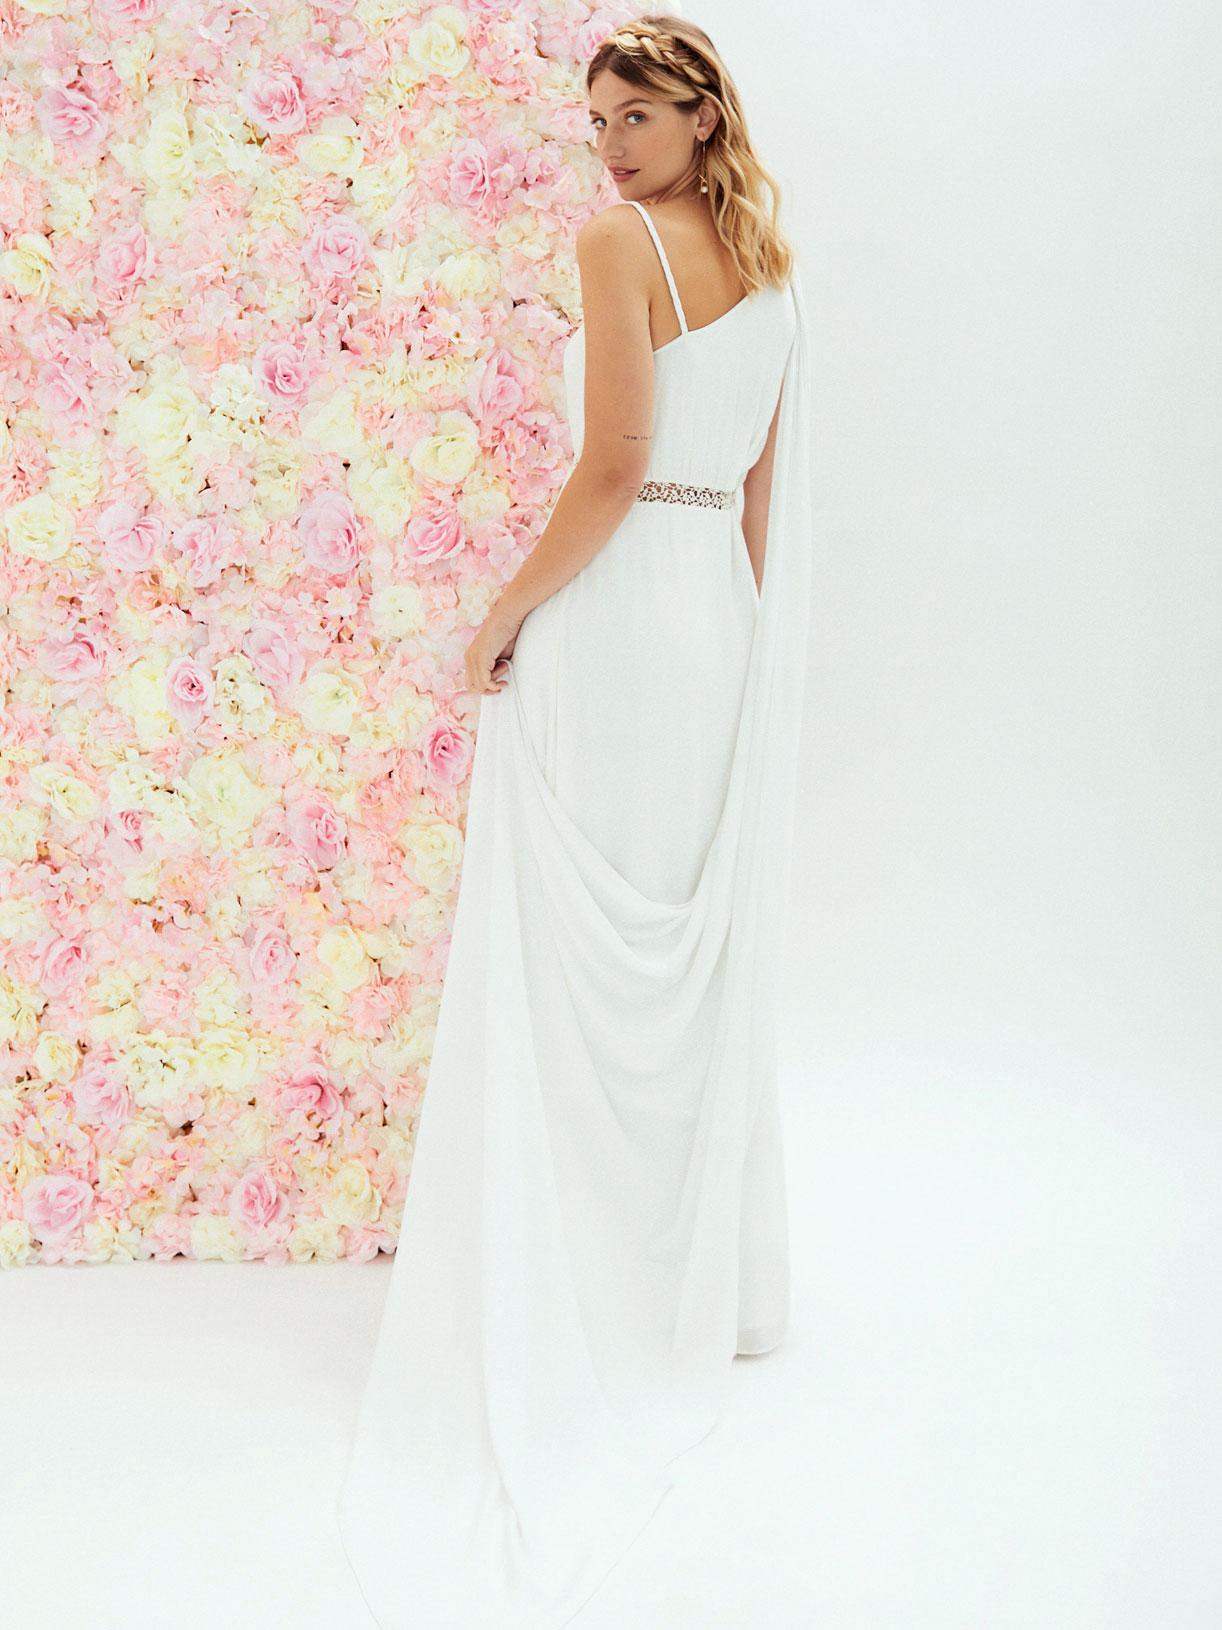 Robe de mariee deesse grecque boheme asymetrique avec traine ecoresponsable - Creatrice de robe de mariée éthique et écoresponsable a Paris - Myphilosophy